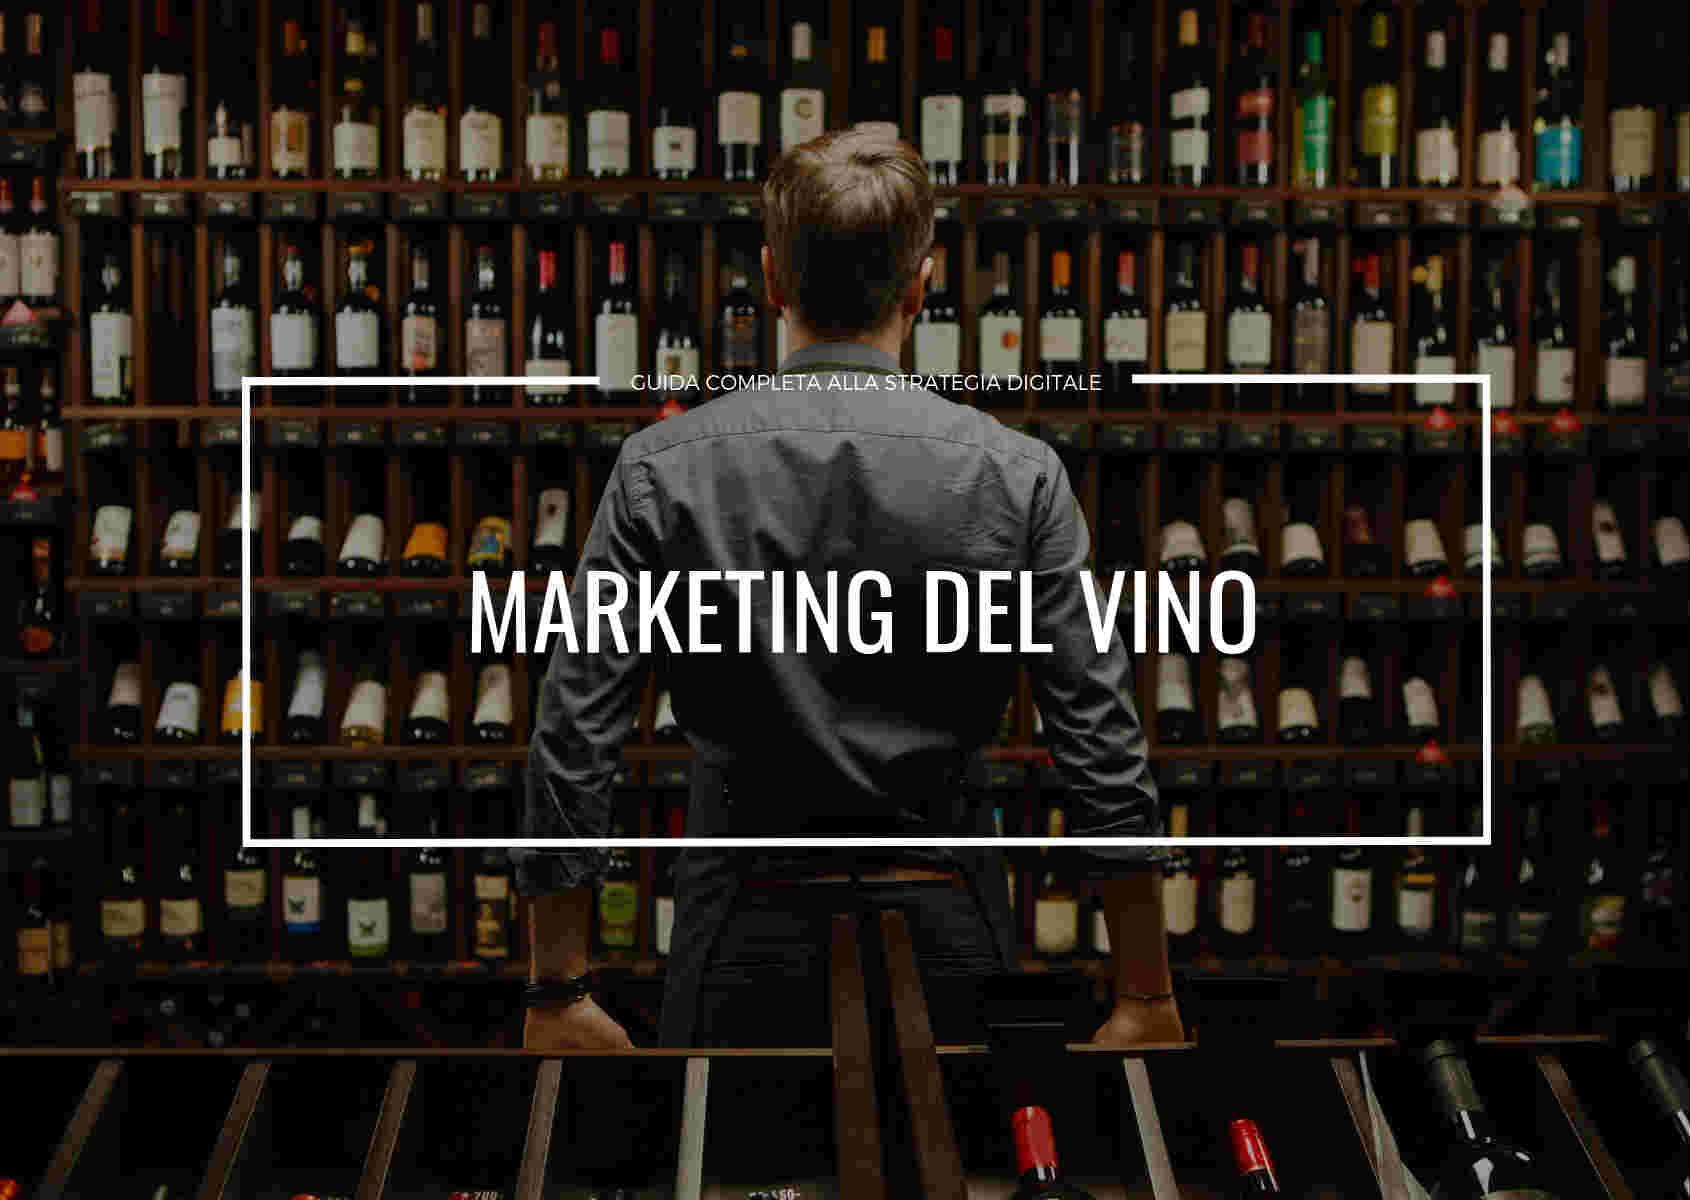 guida completa alla strategia di marketing del vino per le aziende vitivinicole italiane